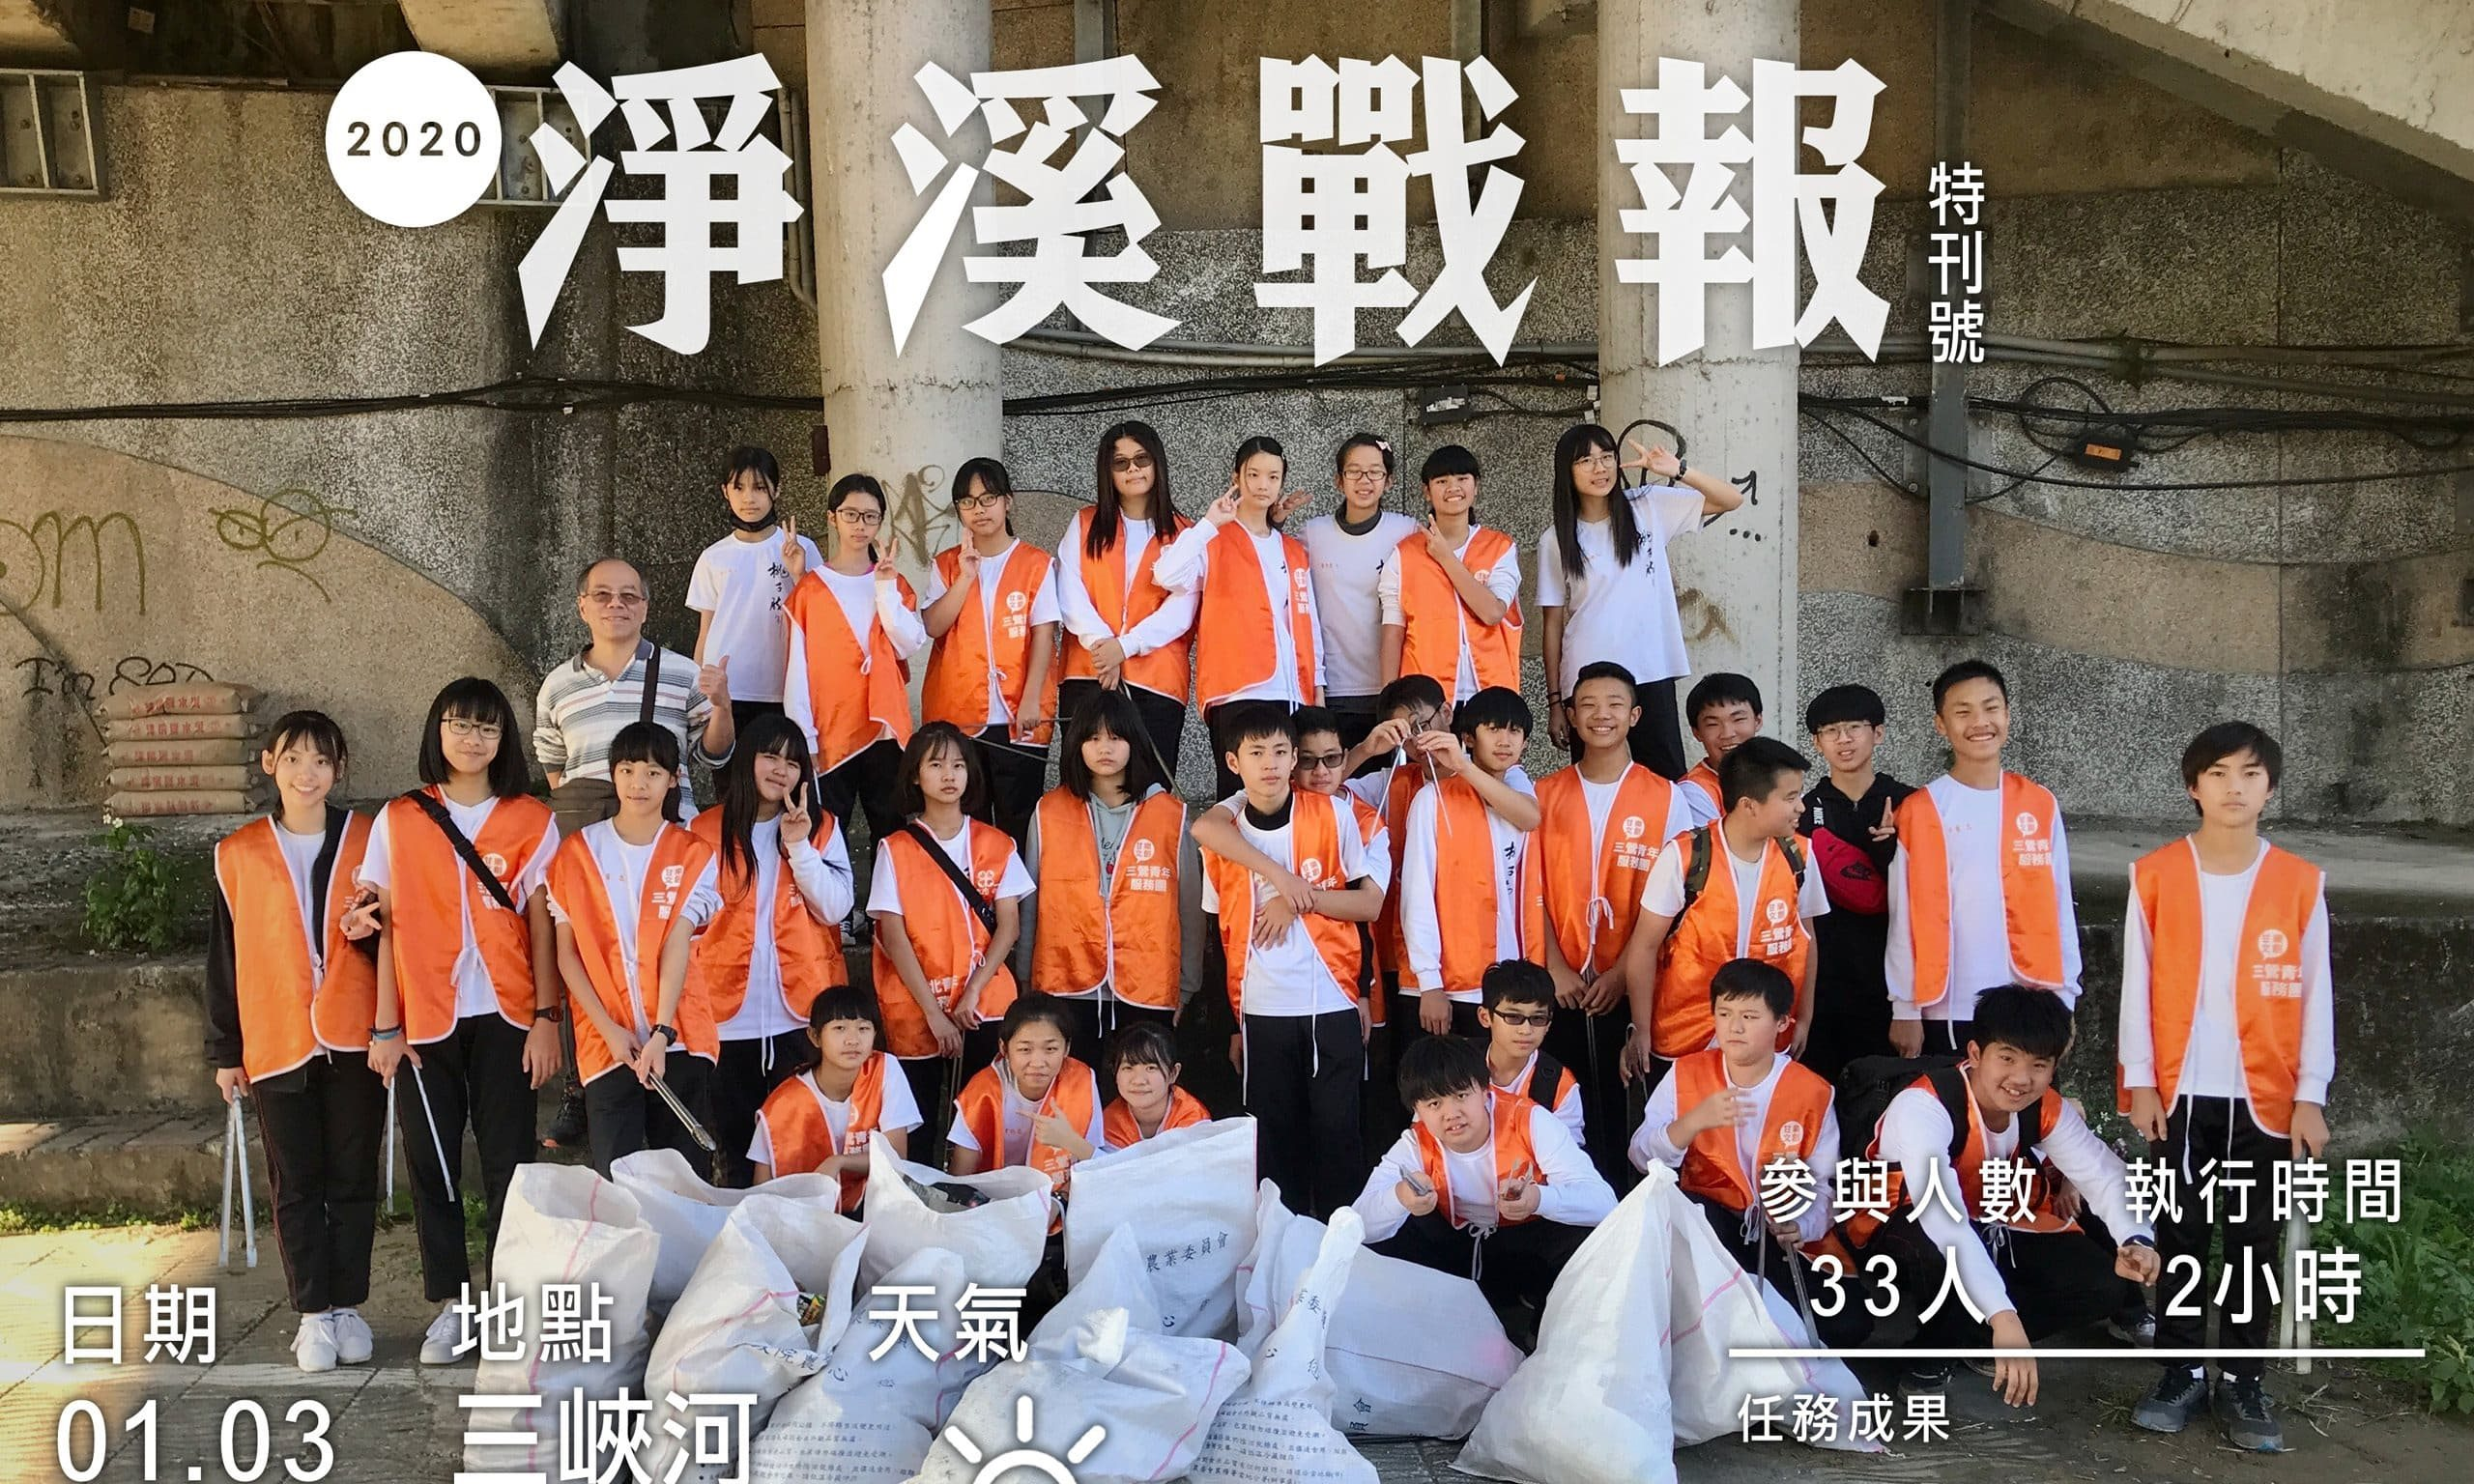 2020/01/03 桃子腳國中八年忠班 環境教育課